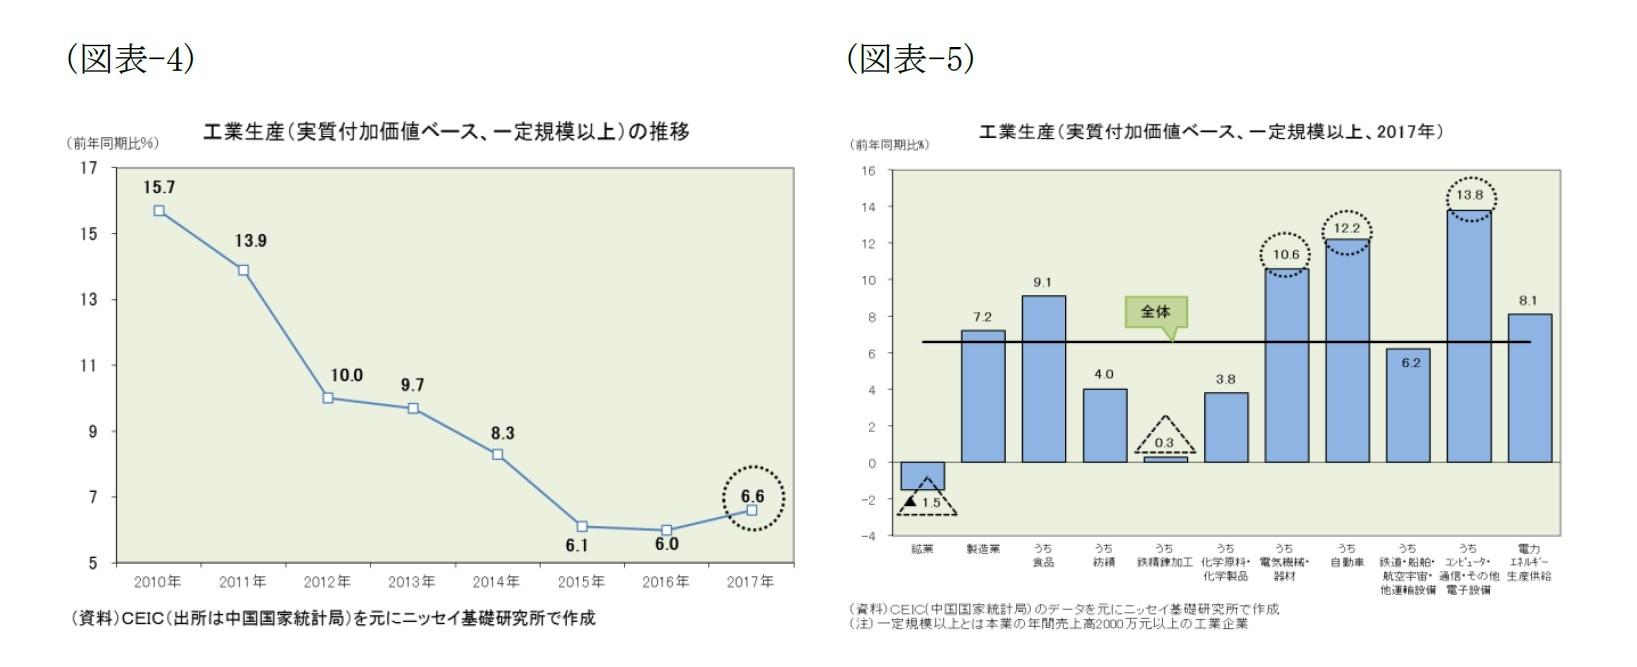 (図表-4)工業生産(実質付加価値ベース、一定規模以上)の推移/(図表-5)工業生産(実質付加価値ベース、一定規模以上、2017年)